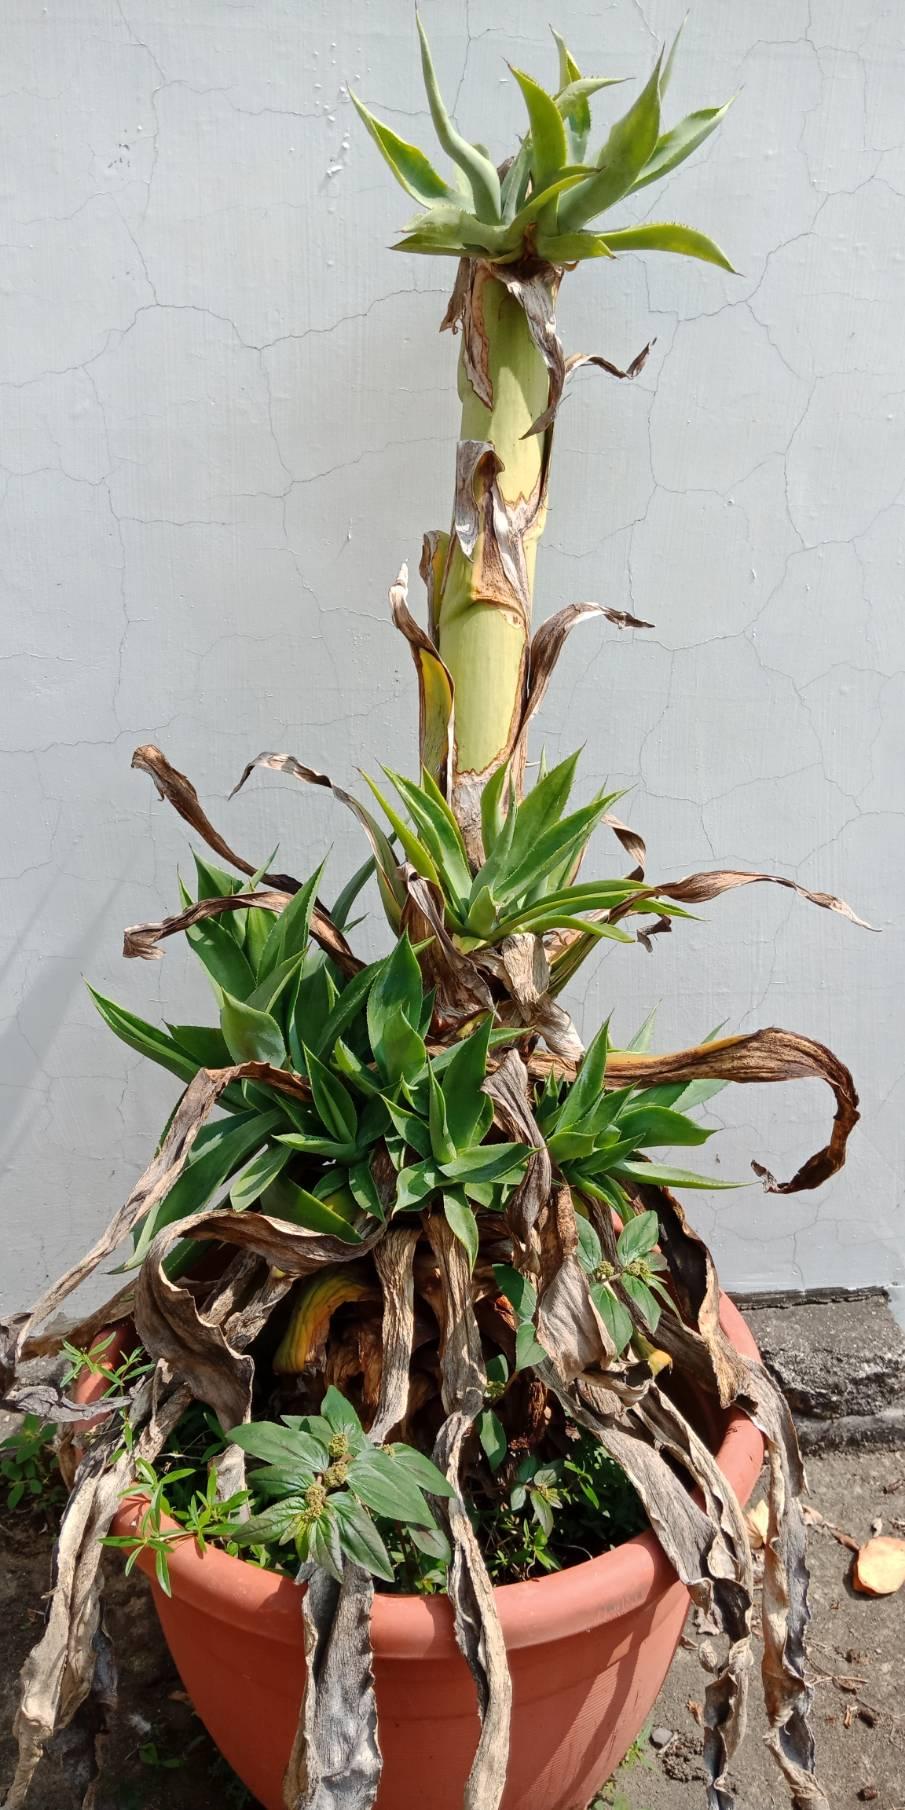 【你喜歡植物嗎?那你養我!】Tp&b芳療SPA龍舌蘭表示快來養我,我要住你家≧ω≦ -